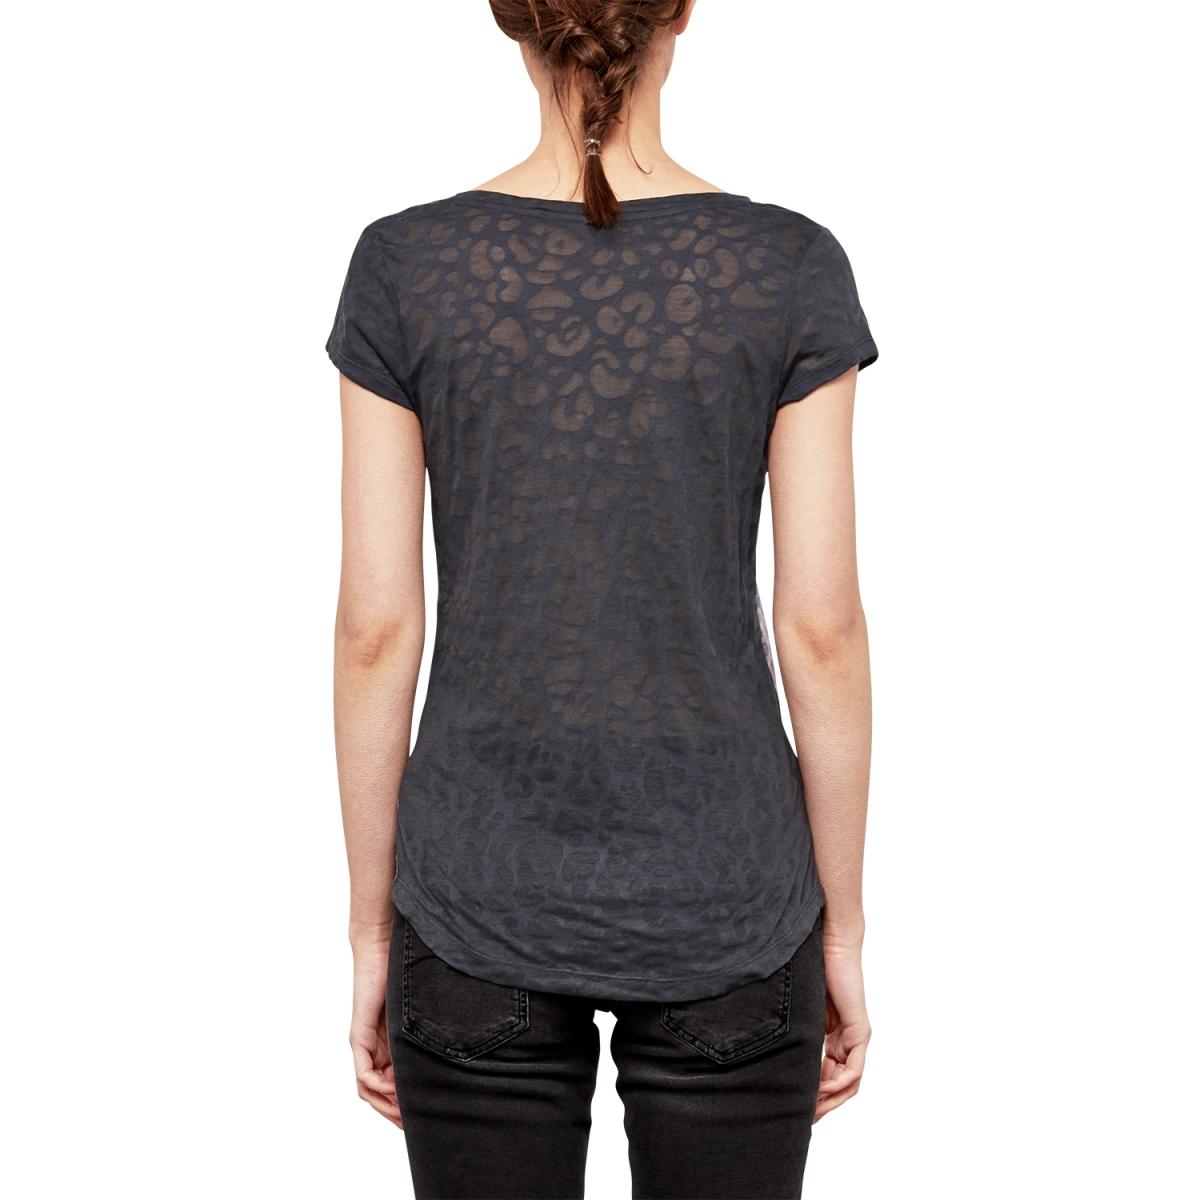 41.801.32.4744 q/s designed by t-shirt 98d0